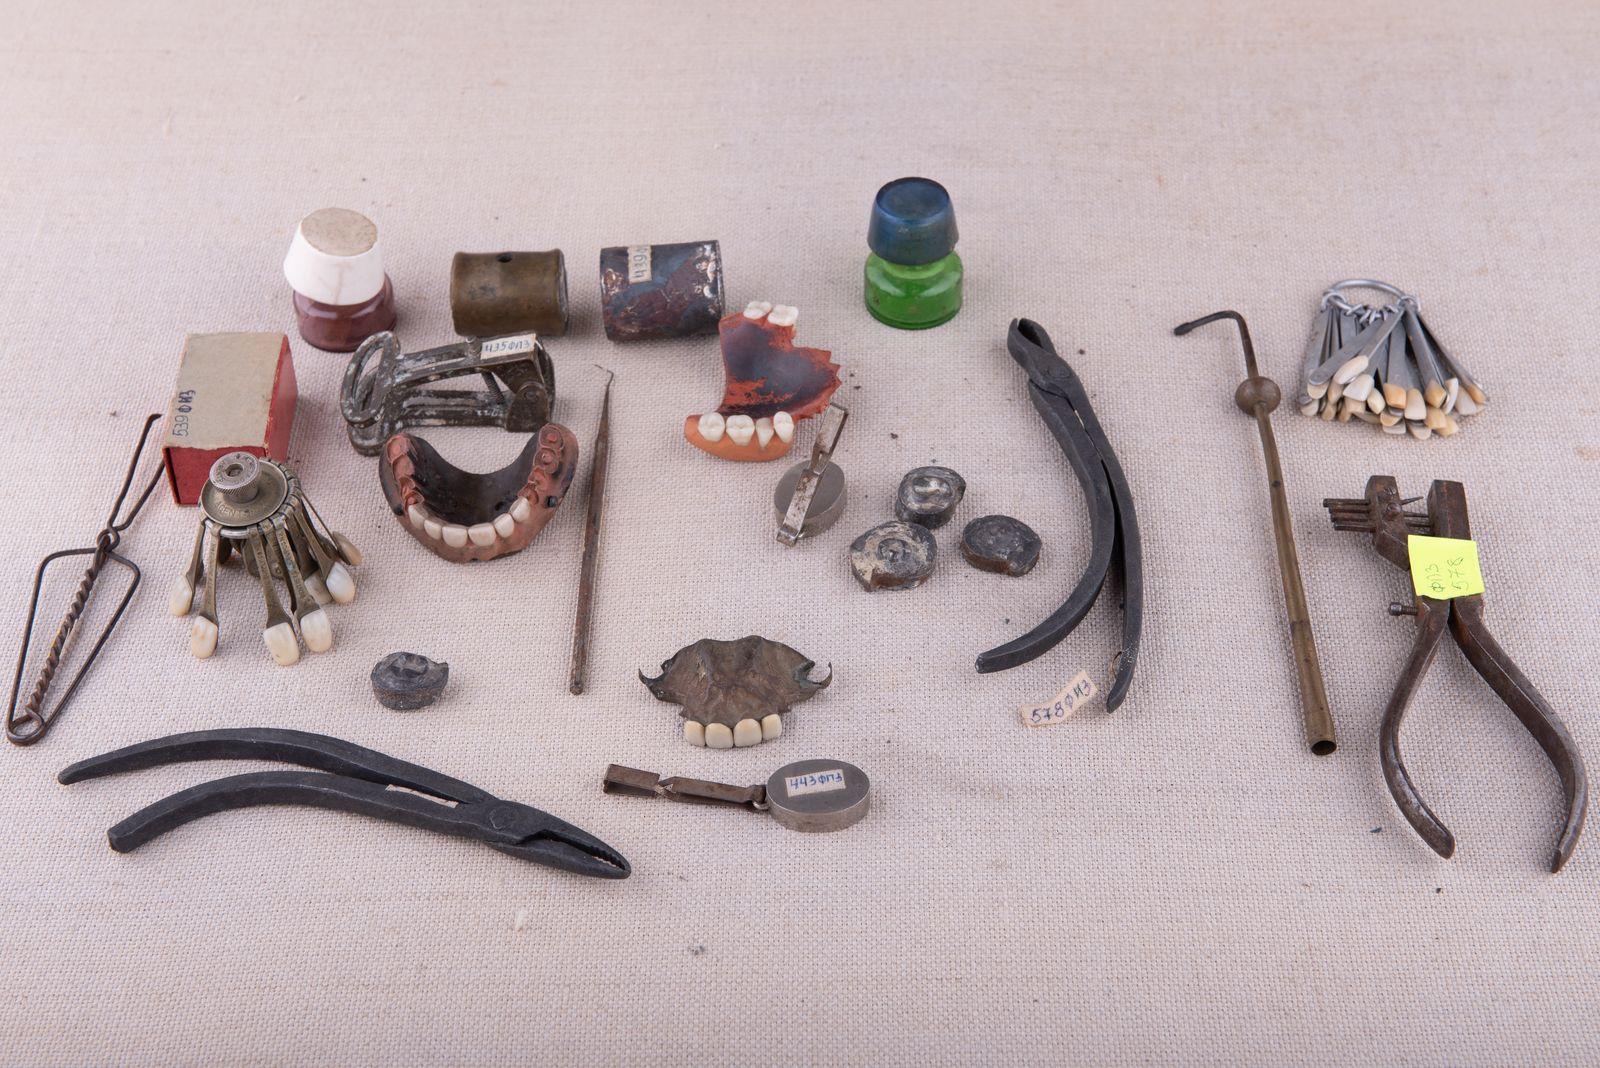 Muzei245_Частични протези, разцветки за определяне на цвета на зъбопротезни конструкции, инструменти, препарати и предмети от зъботехническа лаборатори